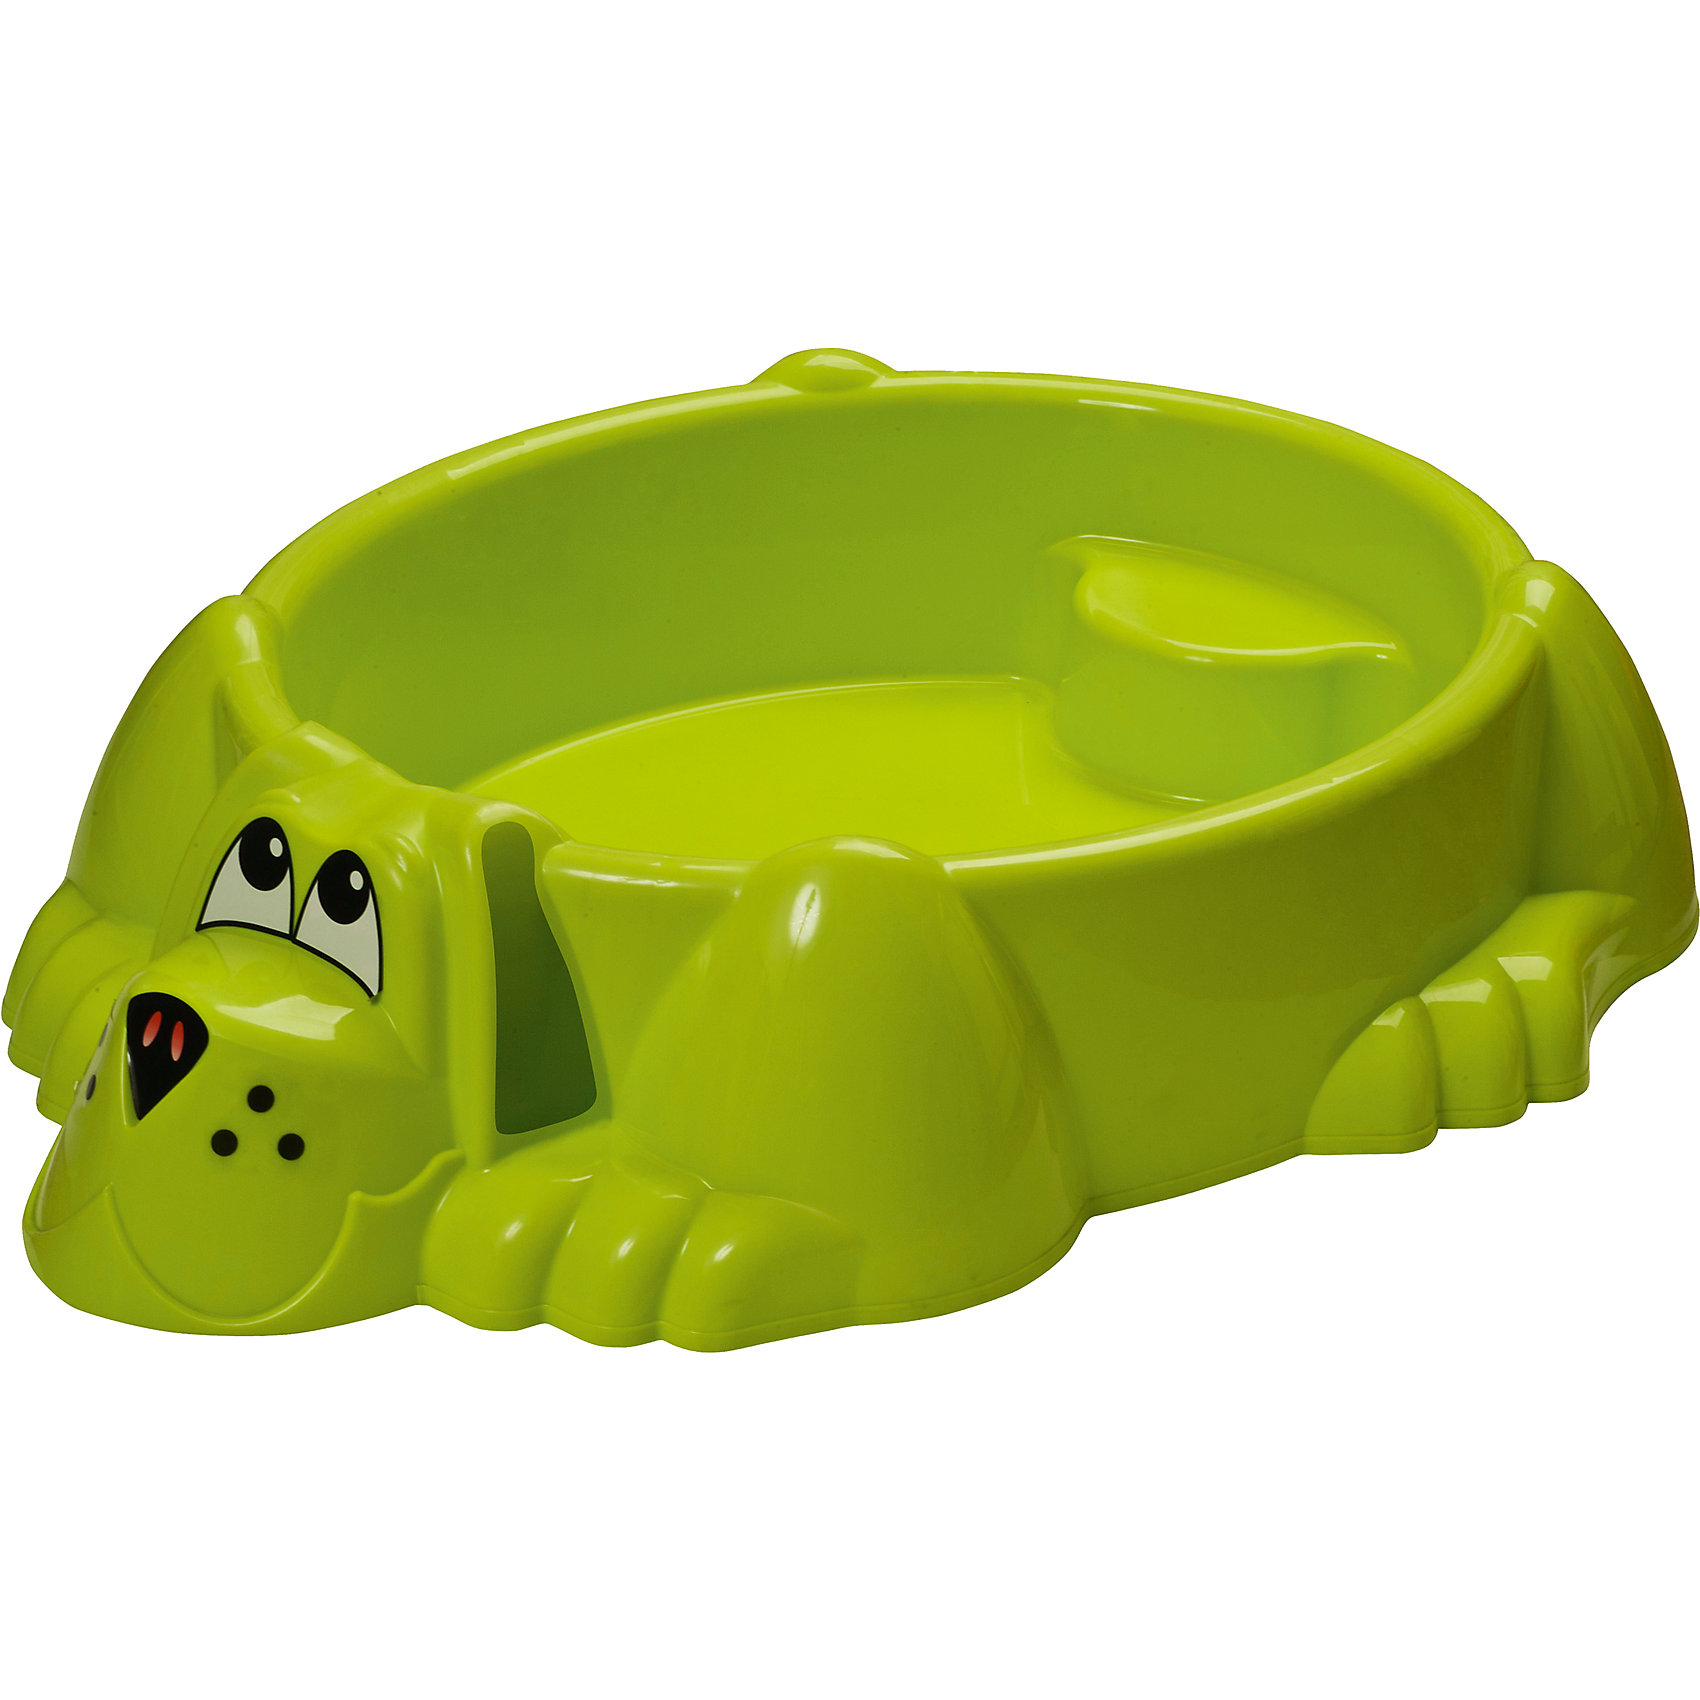 Бассейн-песочница Собачка, зеленая, MarianplastПесочница-бассейн Собачка Marianplast (Марианпласт) обязательно понравится Вашему малышу и станет его любимым местом для игр. Малыши очень любят игры в песке, куличики, а также игры с водой. Песочница Собачка совмещает в себе эти две игровые возможности, ее можно использовать и как песочницу и как минибассейн. Благодаря своим компактным<br>размерам песочницу подойдет как для игры на улице, на даче, так и в закрытом помещении.<br><br>Песочница-басейн выполнена в виде забавного песика, внутри имеются фигурные выступы (в голове и хвосте собаки), на которые малыши смогут присесть и отдохнуть. В песочнице могут разместиться двое детей. Песочница округлой формы без острых углов, высота бортика - 25 см. В комплект также входят наклейки в виде глазок, носа и ушей собачки.<br><br>Дополнительная информация:<br><br>- В комплекте: песочница-бассейн, наклейки (уши, нос, глаза собаки). <br>- Материал: высокопрочный морозостойкий пластик.<br>- Размер: 92 х 115 х 25 см.<br>- Вес: 4 кг.<br><br>Бассейн - Собачку от Marianplast (Марианпласт) можно купить в нашем интернет-магазине.<br><br>Ширина мм: 1150<br>Глубина мм: 920<br>Высота мм: 265<br>Вес г: 4040<br>Возраст от месяцев: 24<br>Возраст до месяцев: 96<br>Пол: Унисекс<br>Возраст: Детский<br>SKU: 4918444